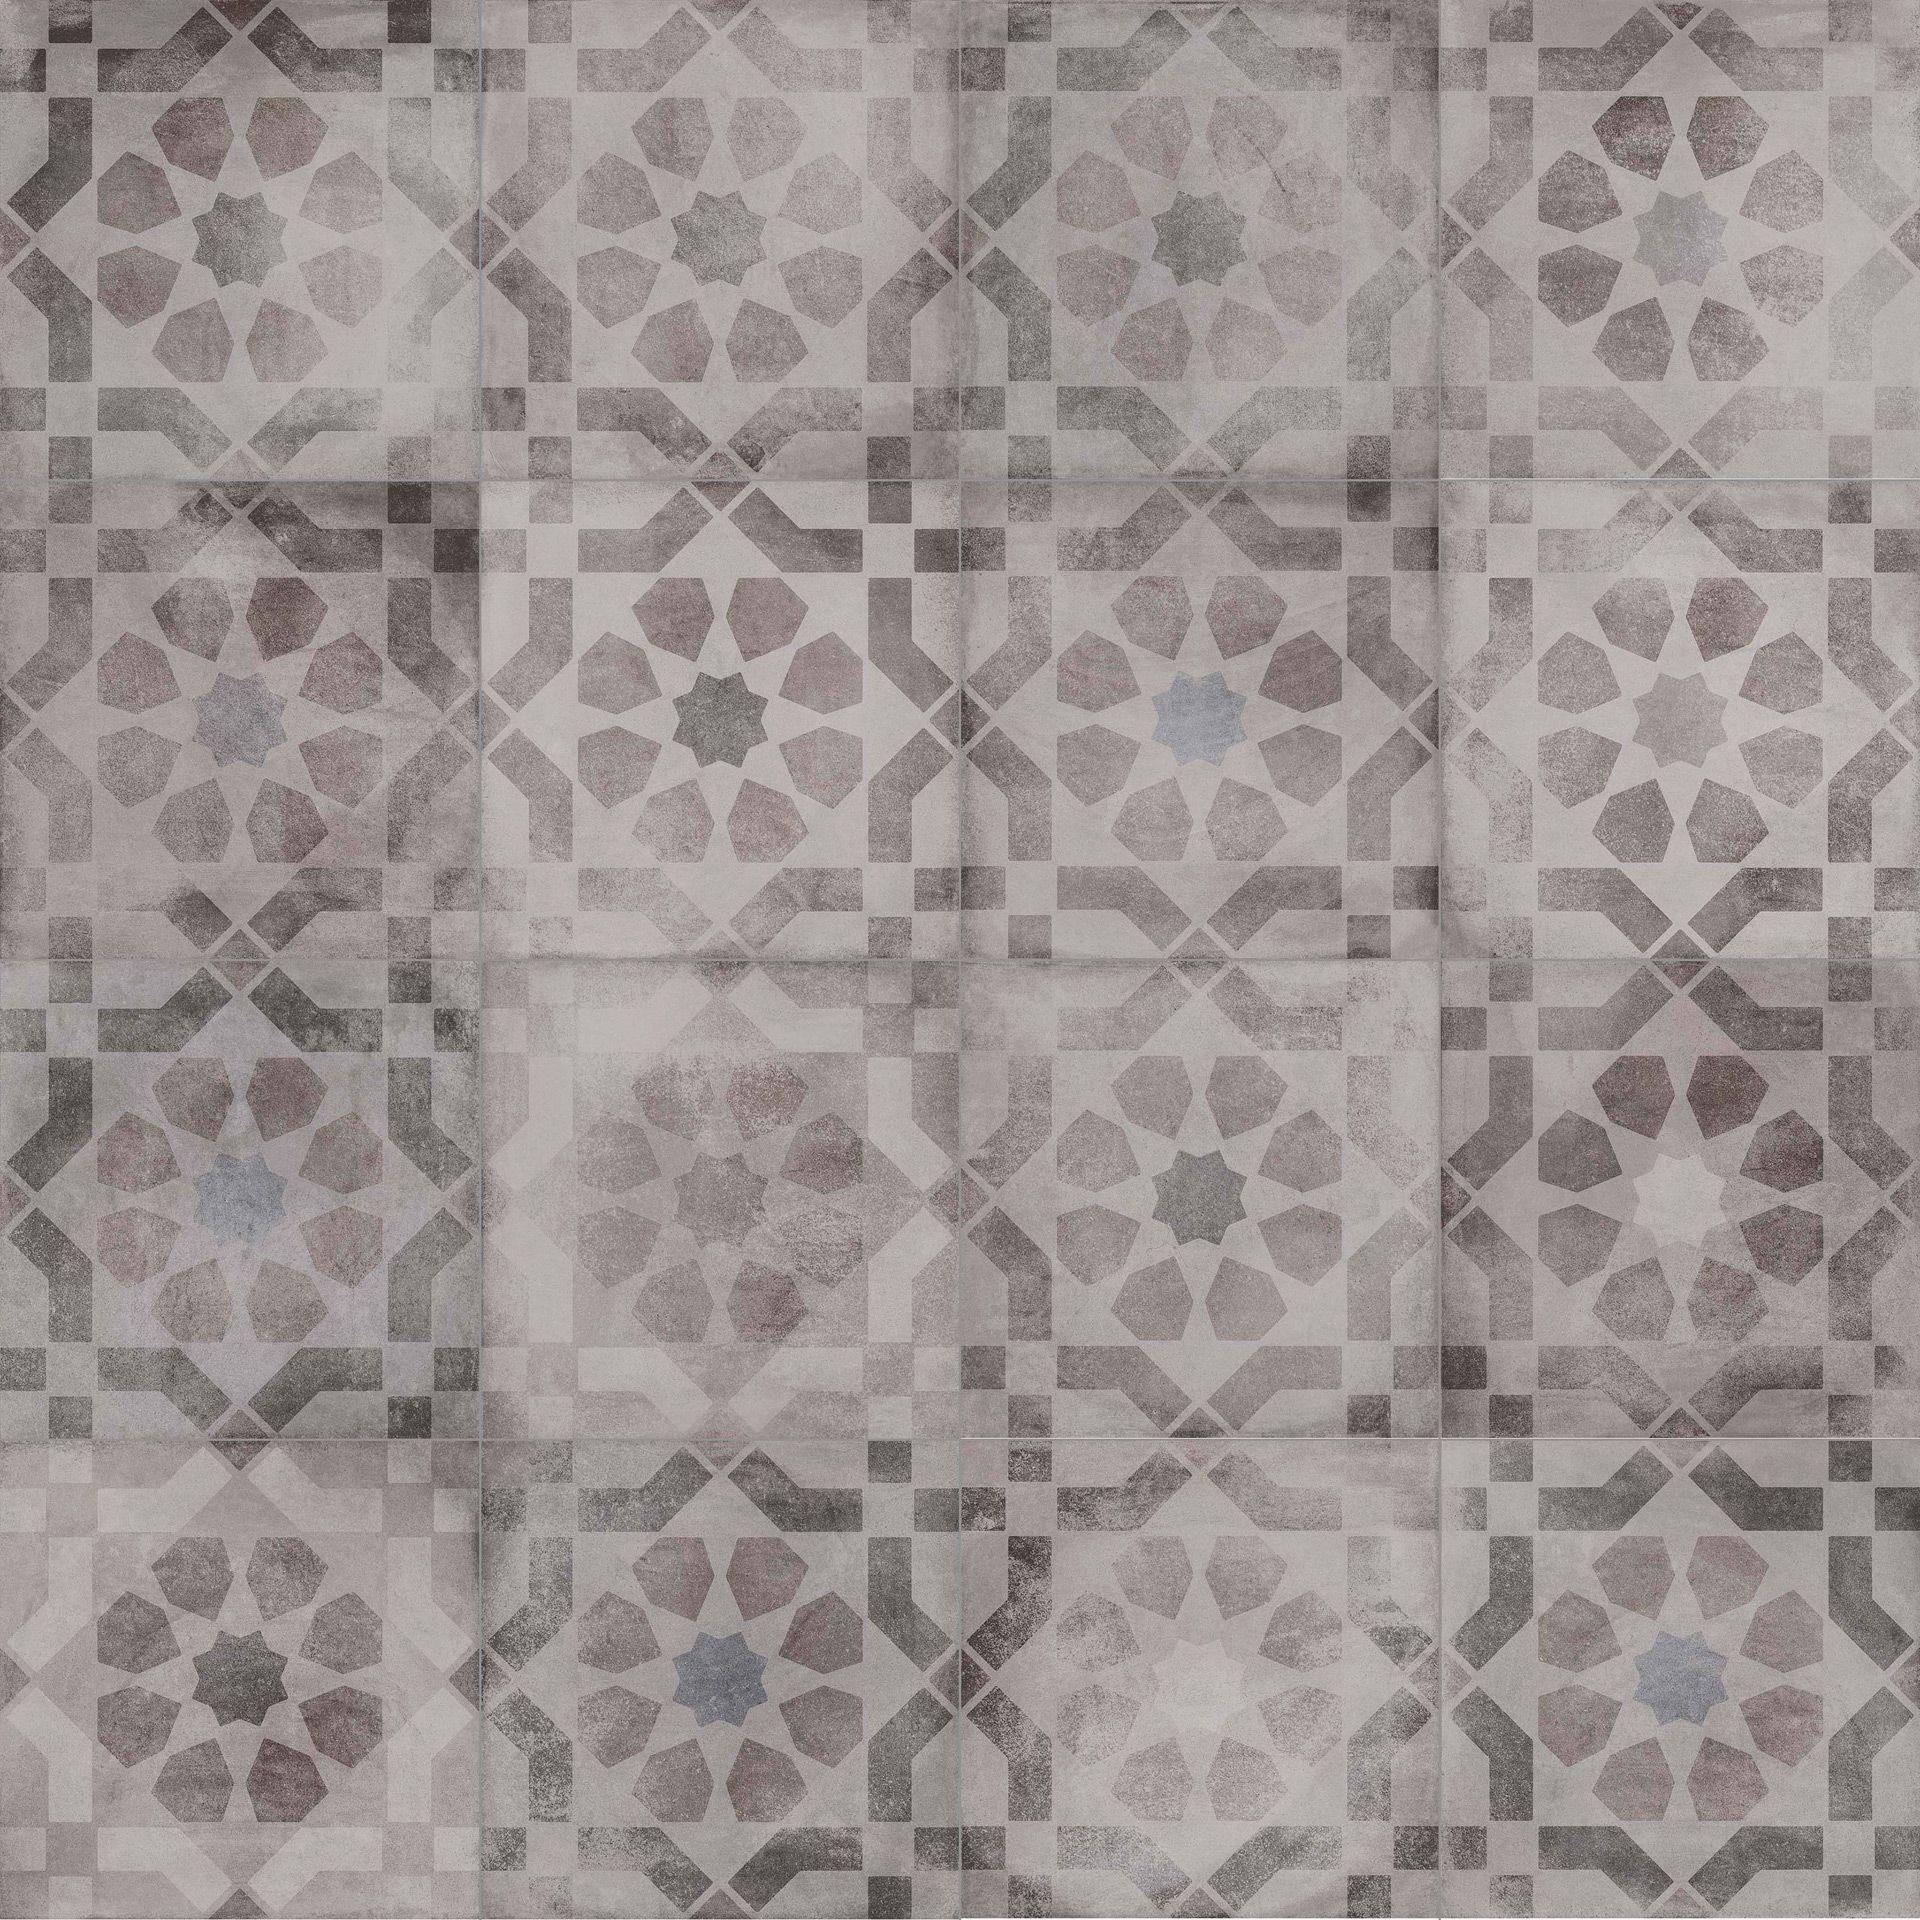 Klinker Kemble Sombra 30X30 - Fliser, Klinker, Mosaik